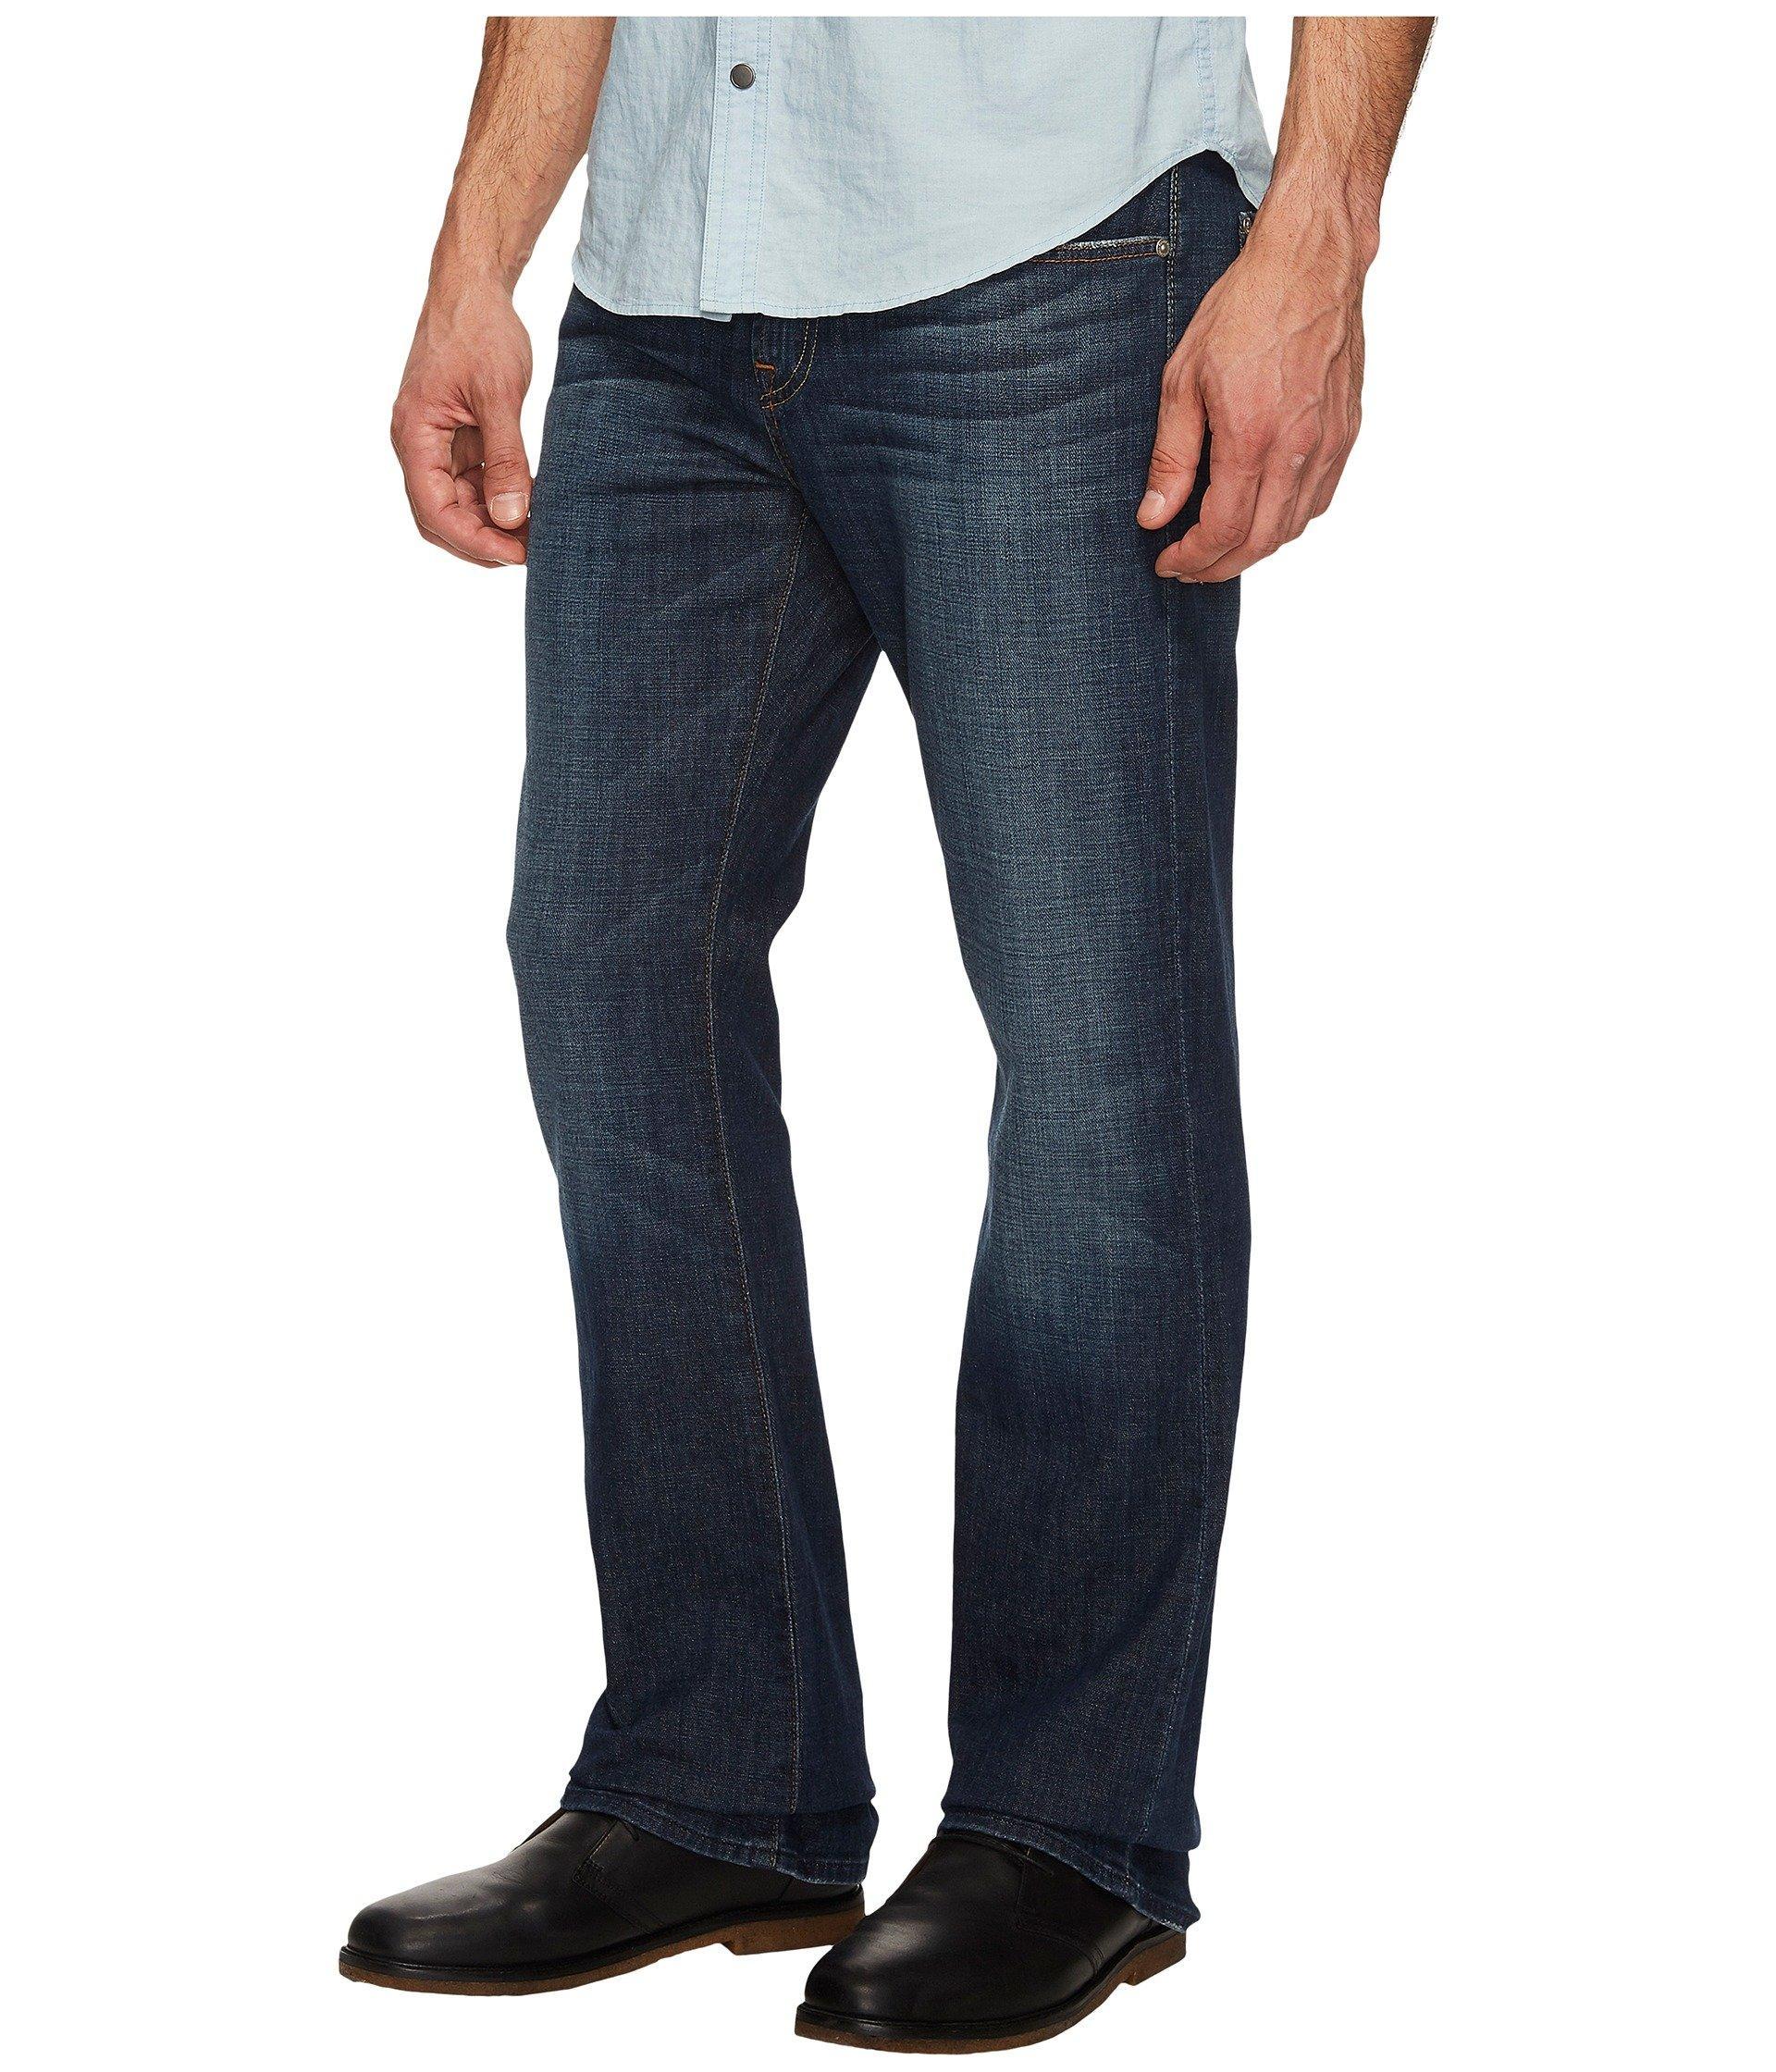 7152291c Lyst - 7 For All Mankind Brett Modern Bootcut (new York Dark) Men's Jeans  in Blue for Men